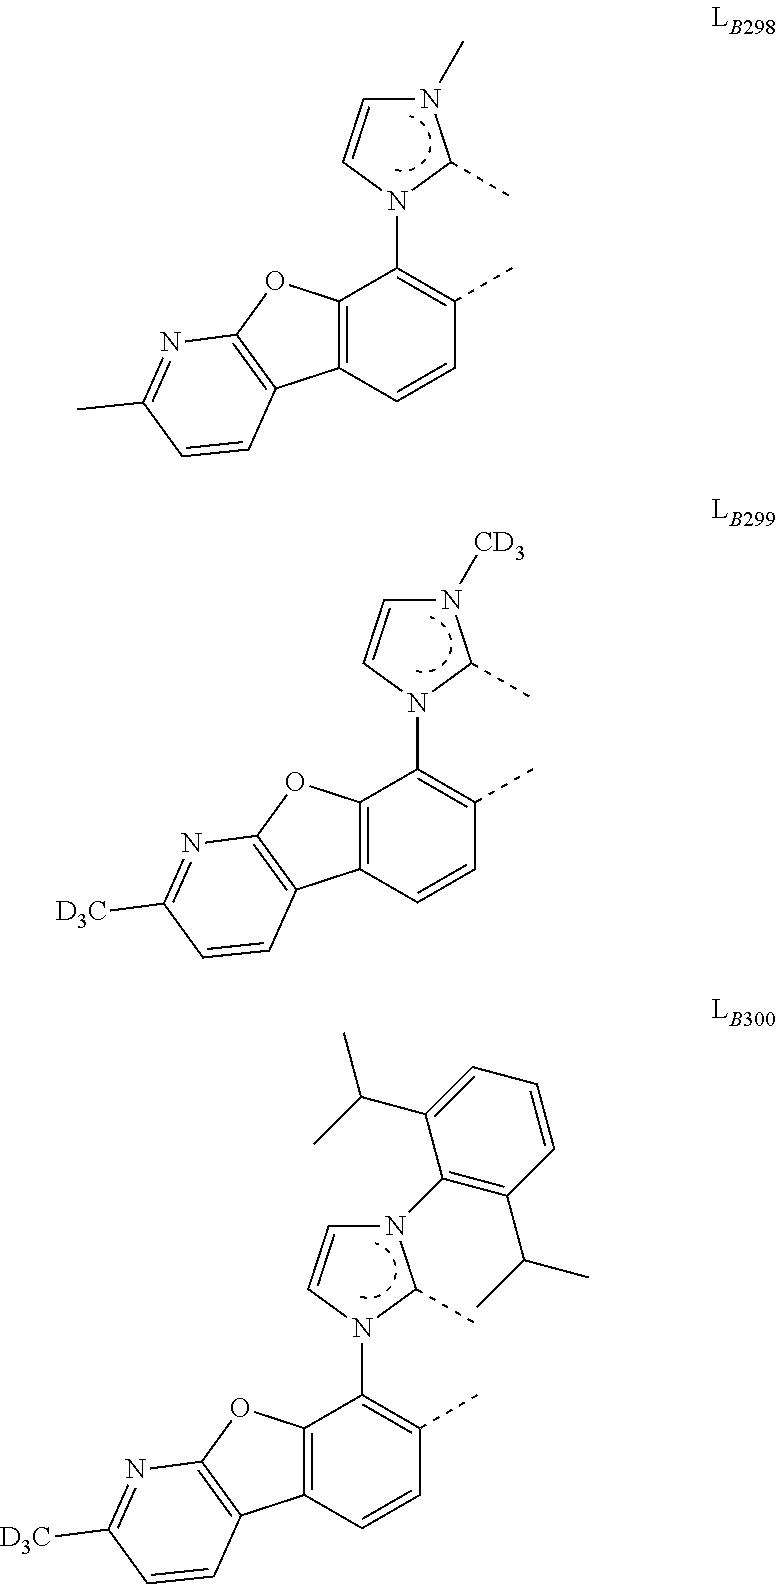 Figure US20180130962A1-20180510-C00126